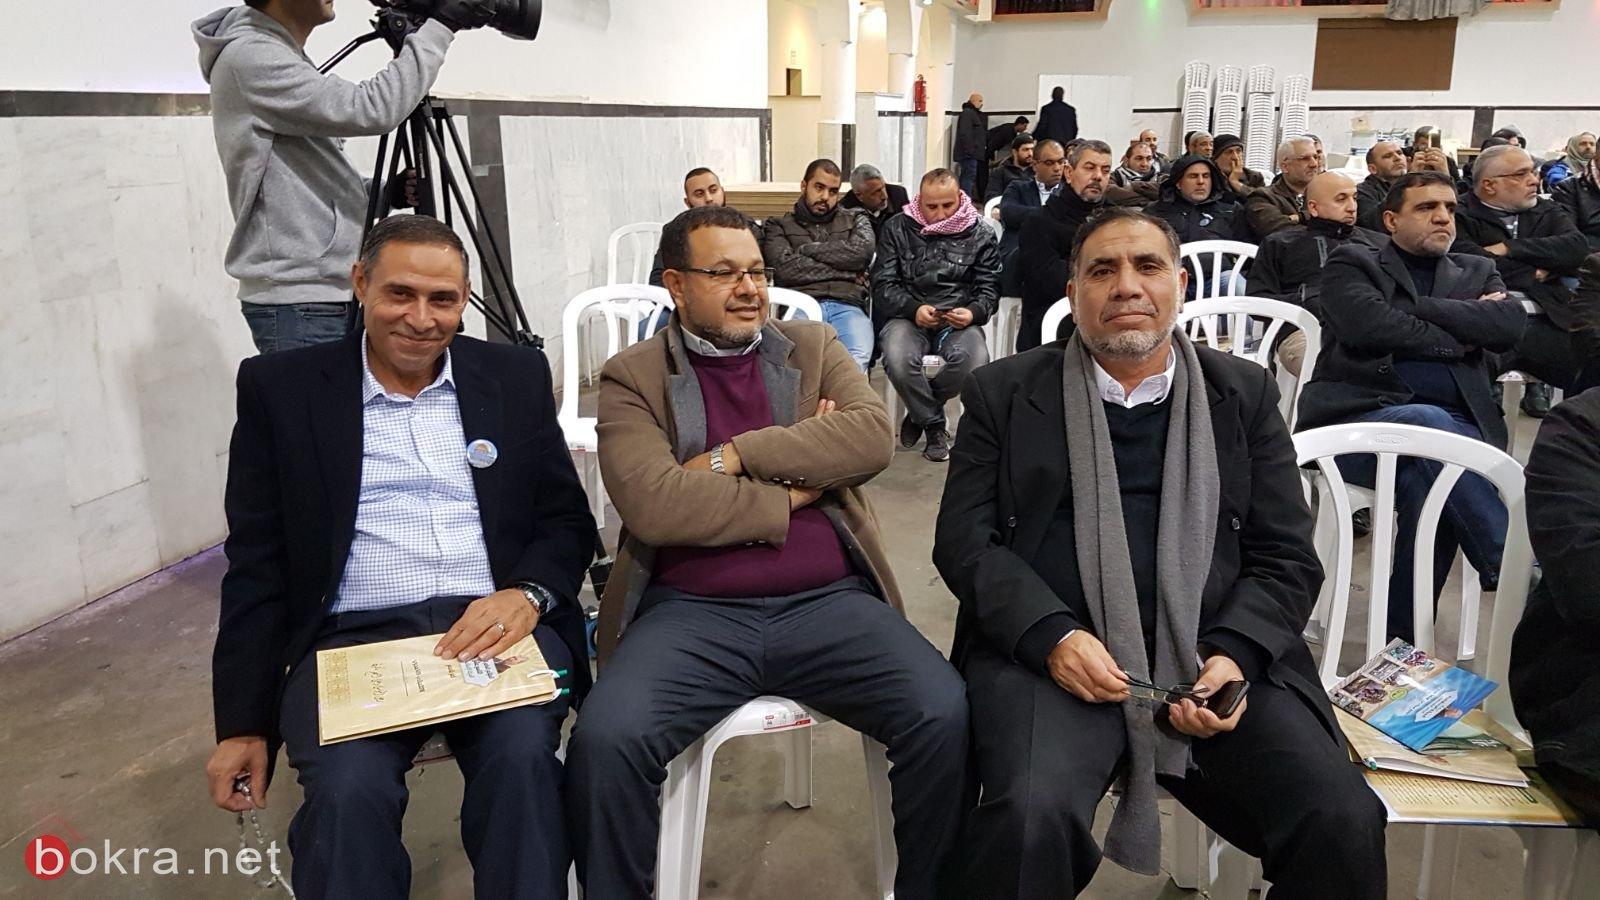 الحركة الاسلامية تُعقد مؤتمرها وتنتخب ابو دعابس رئيسا لها